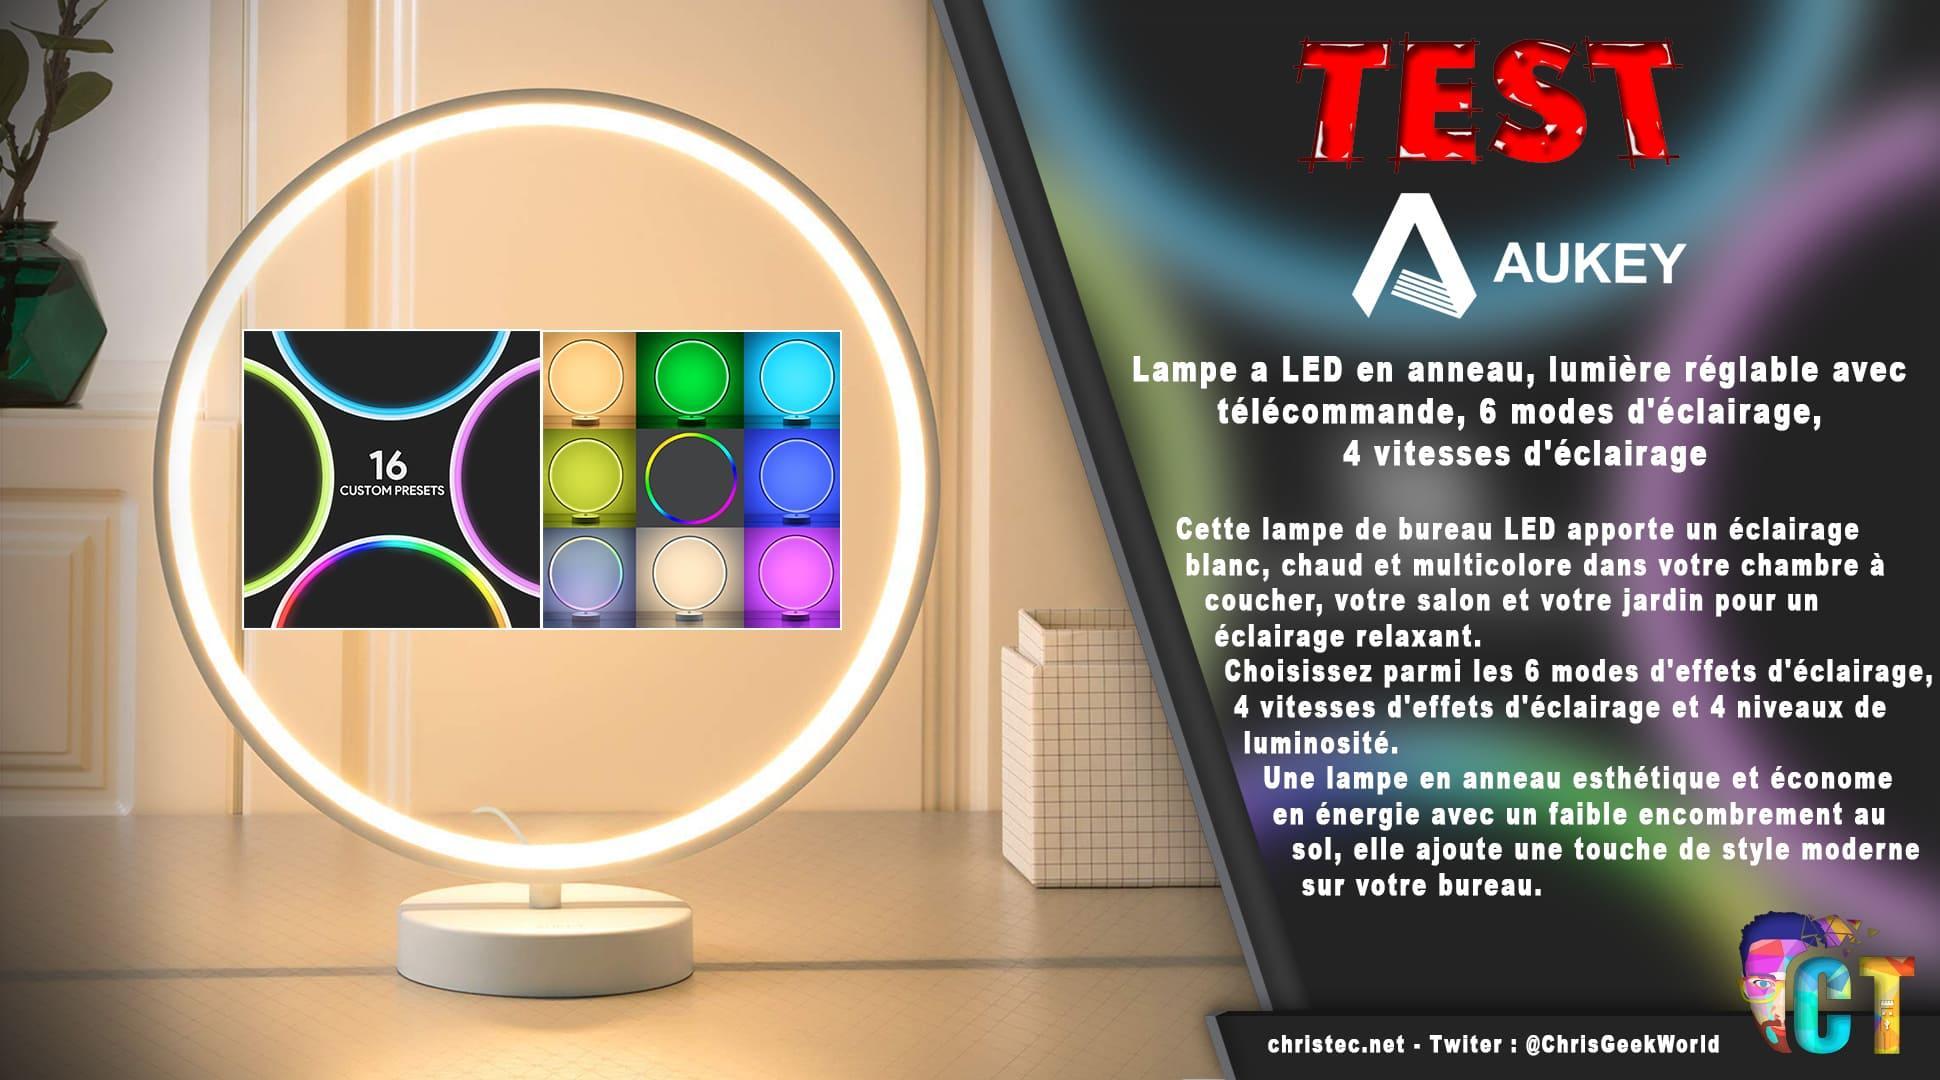 image en-tête Test de la lampe à LED multicolore en anneau d'Aukey